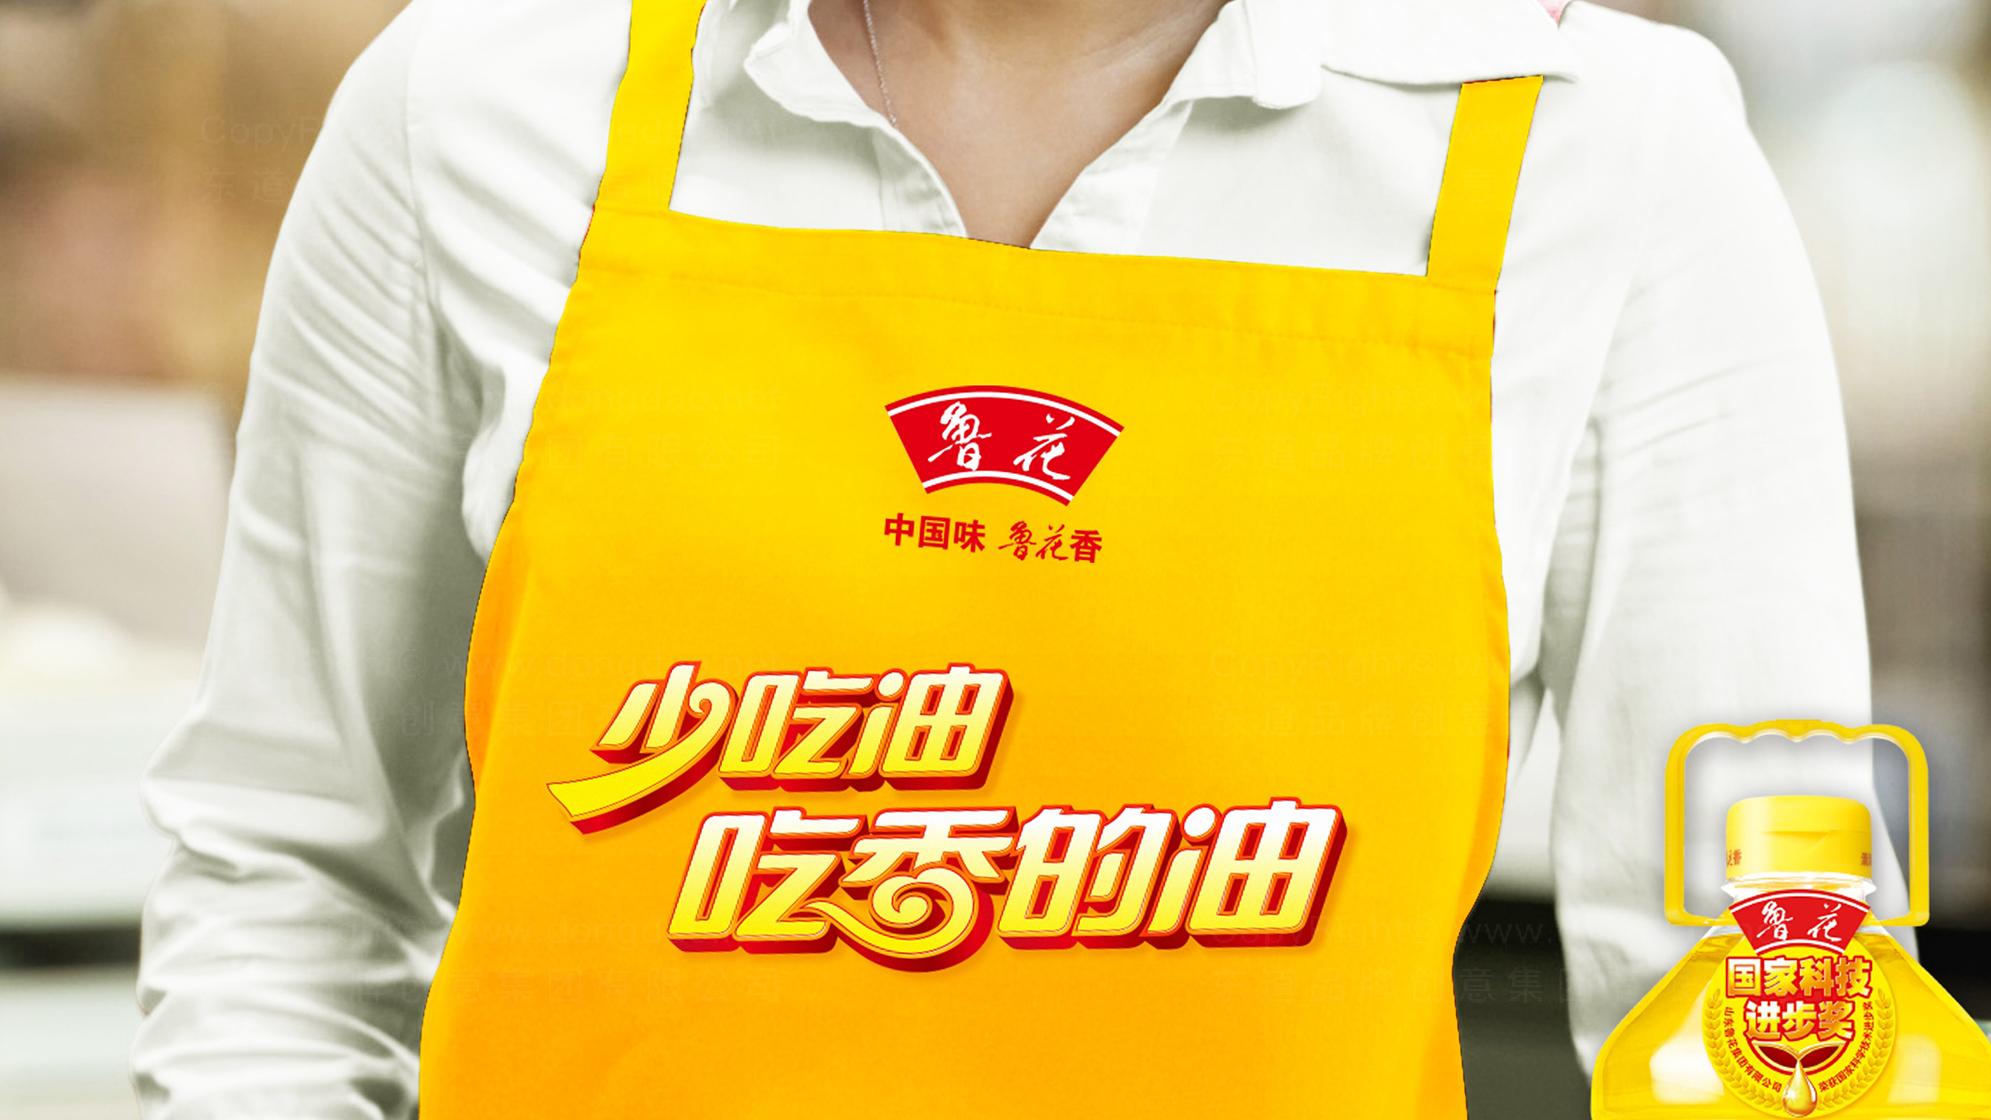 品牌设计鲁花LOGO&VI设计应用场景_4